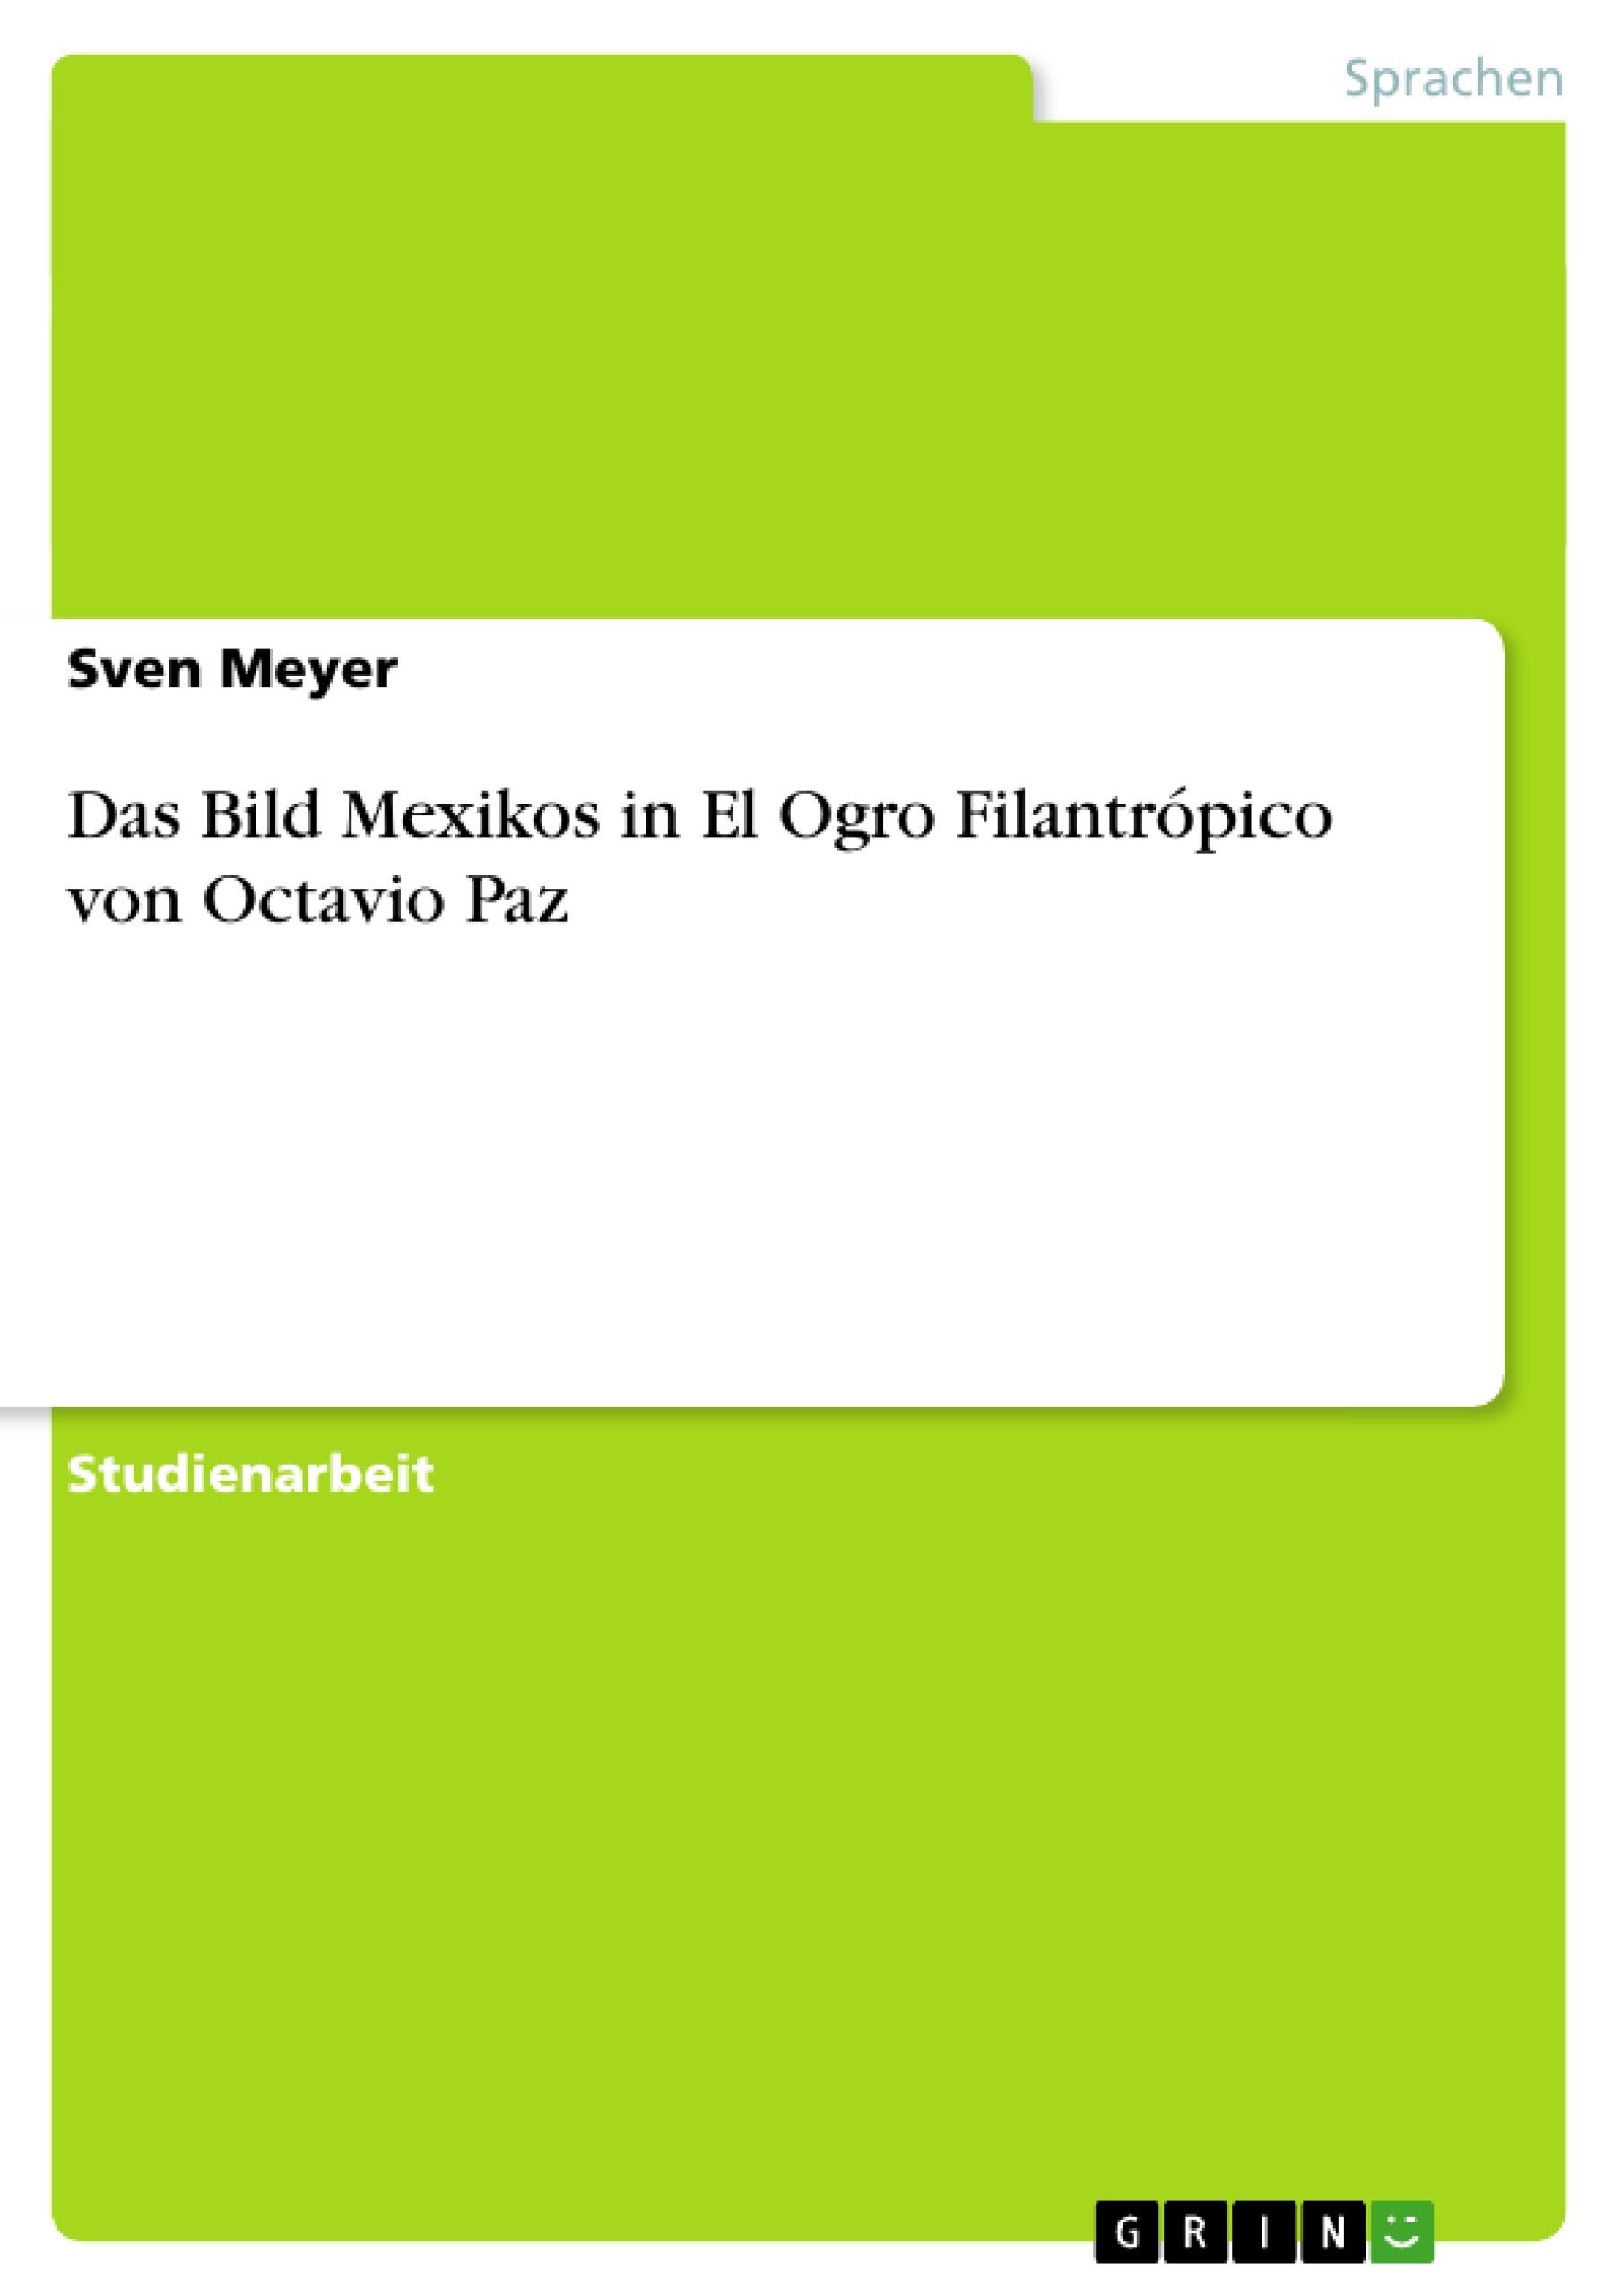 Titel: Das Bild Mexikos in El Ogro Filantrópico von Octavio Paz